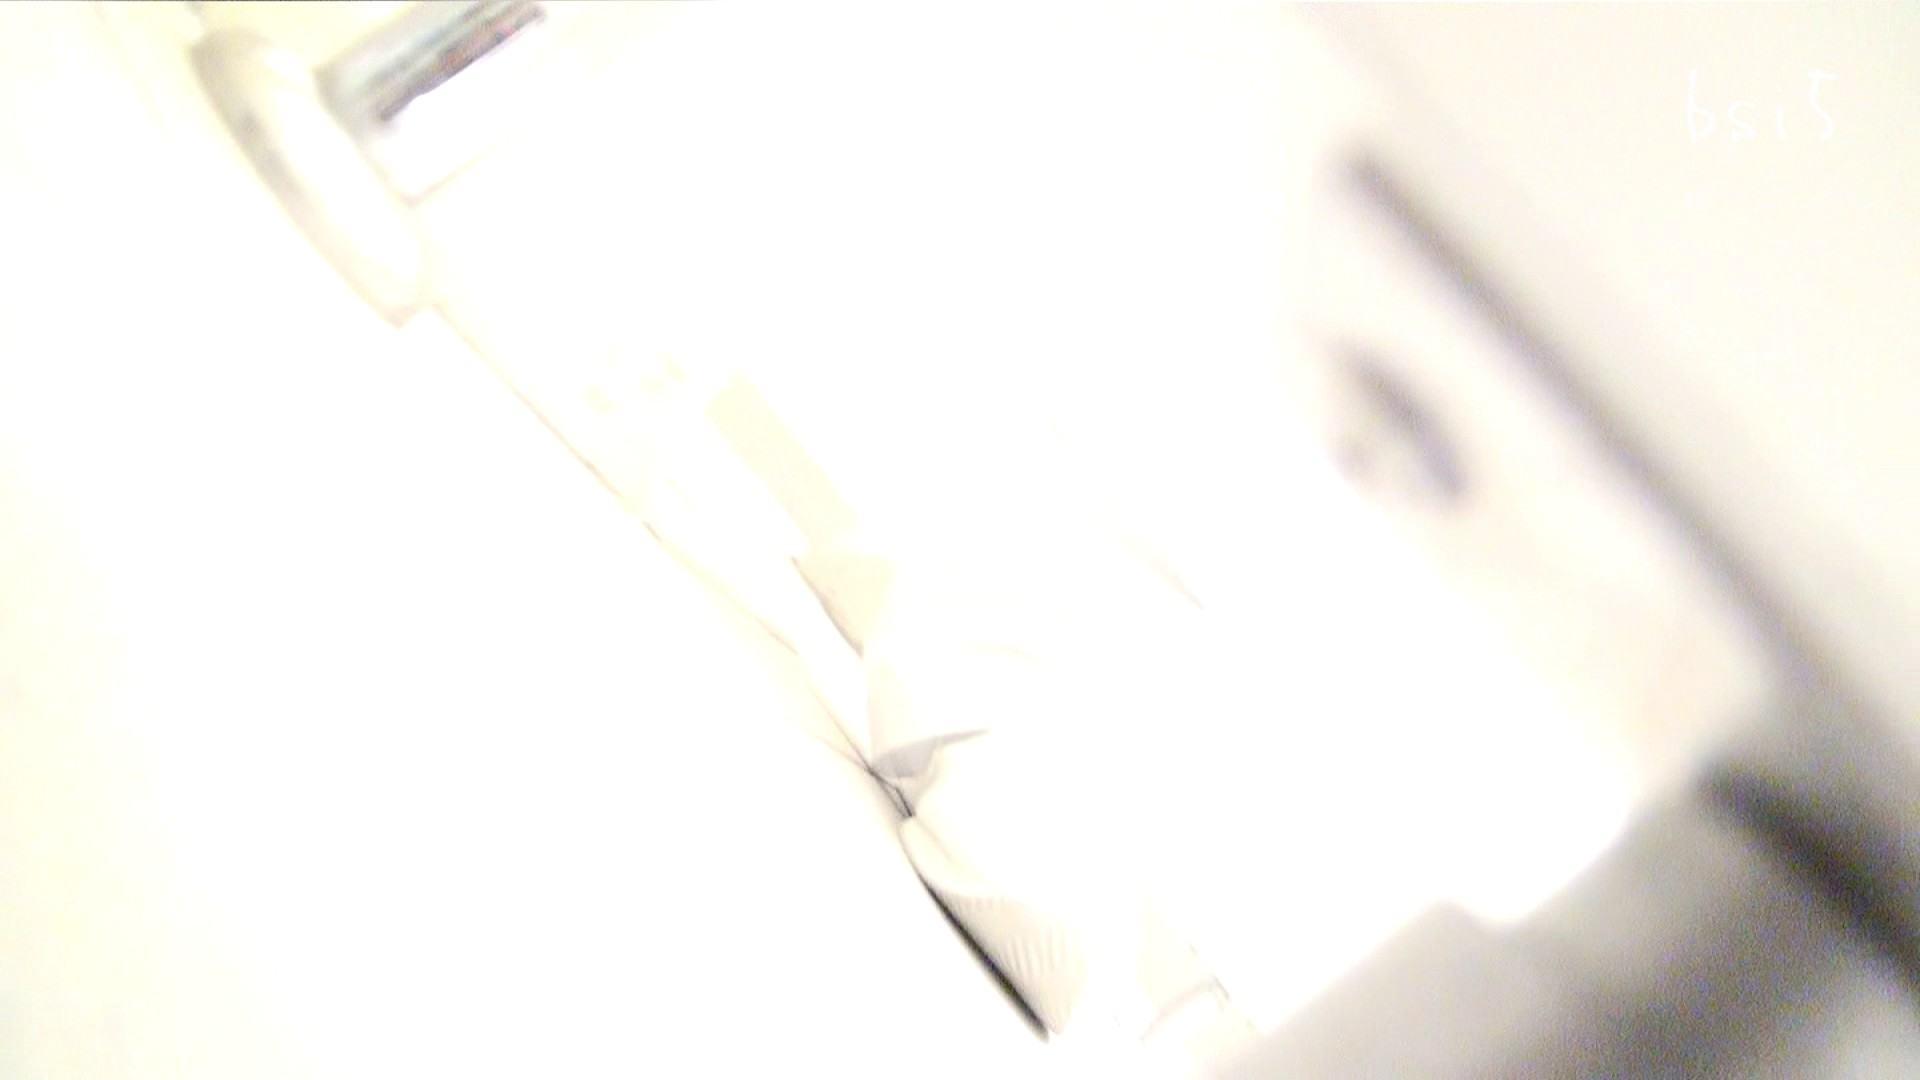 至高下半身盗撮-PREMIUM-【院内病棟編 】 vol.05 盗撮 オメコ動画キャプチャ 65PIX 10